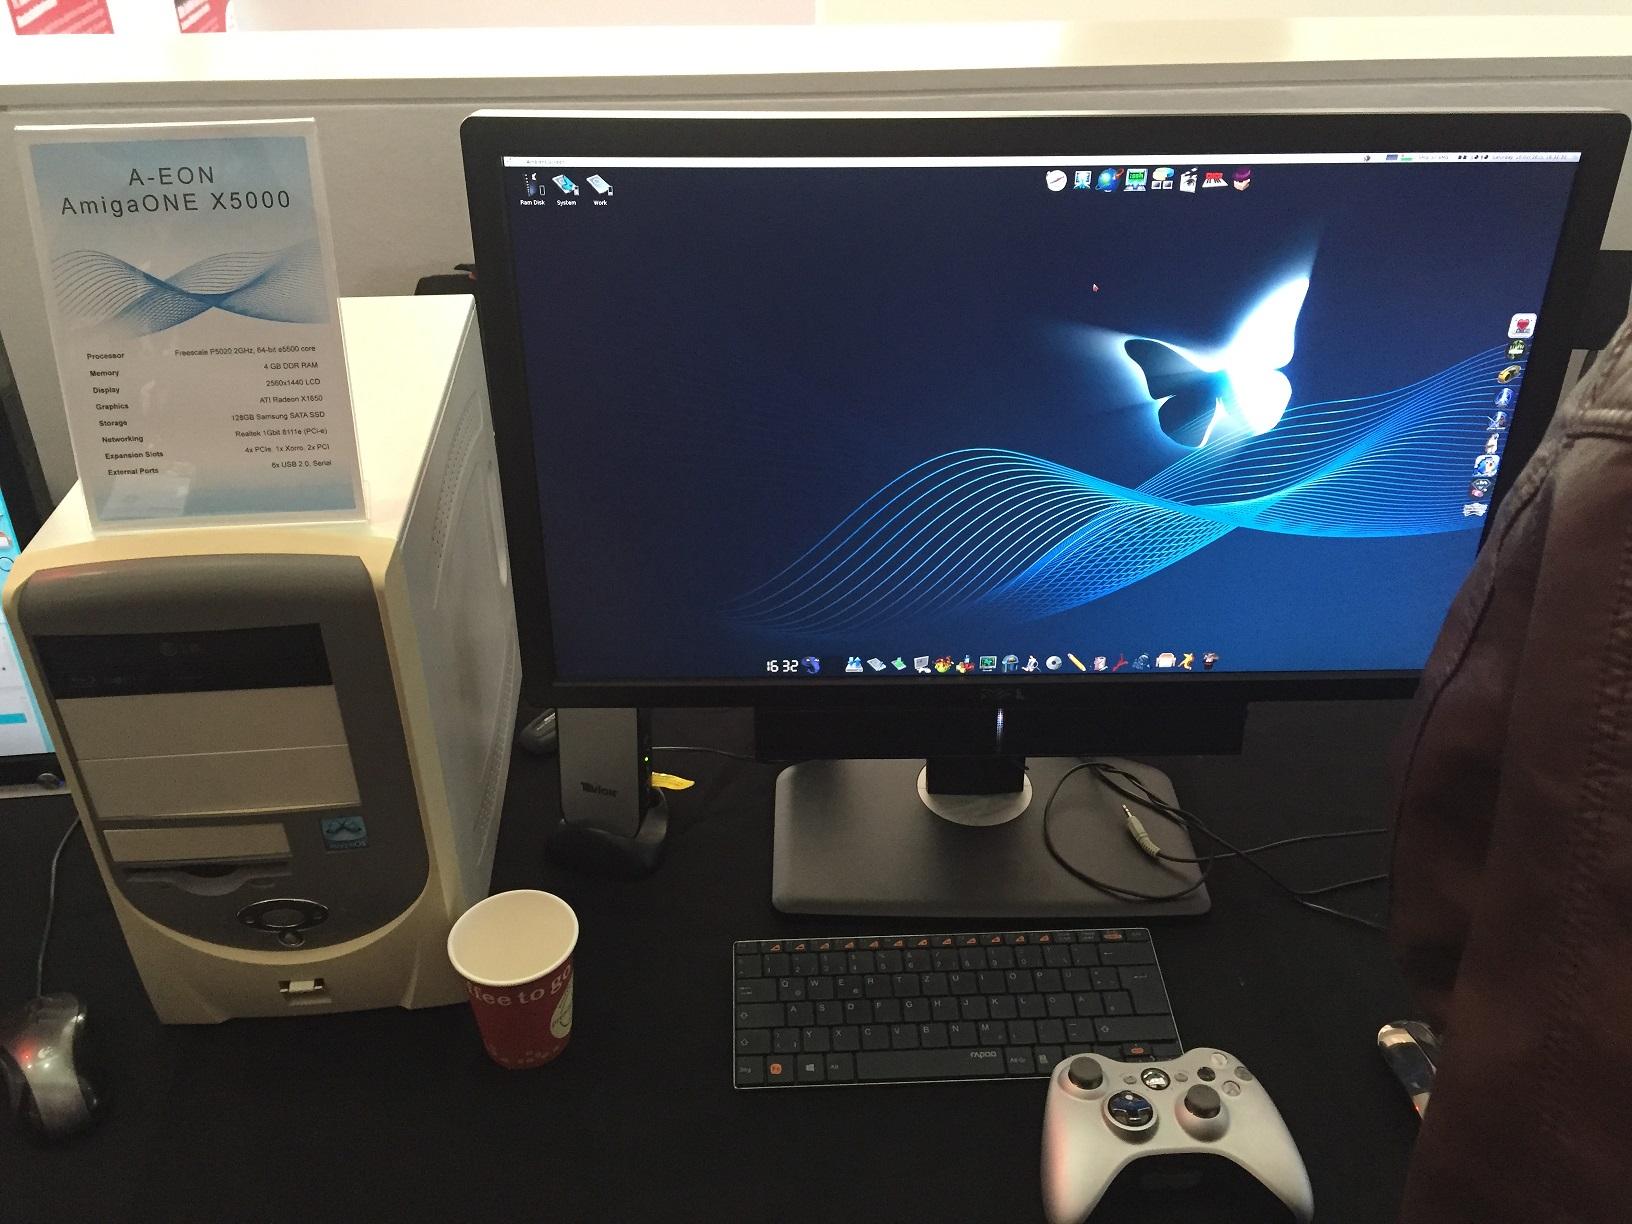 AmigaONE X5000 met MorphOS